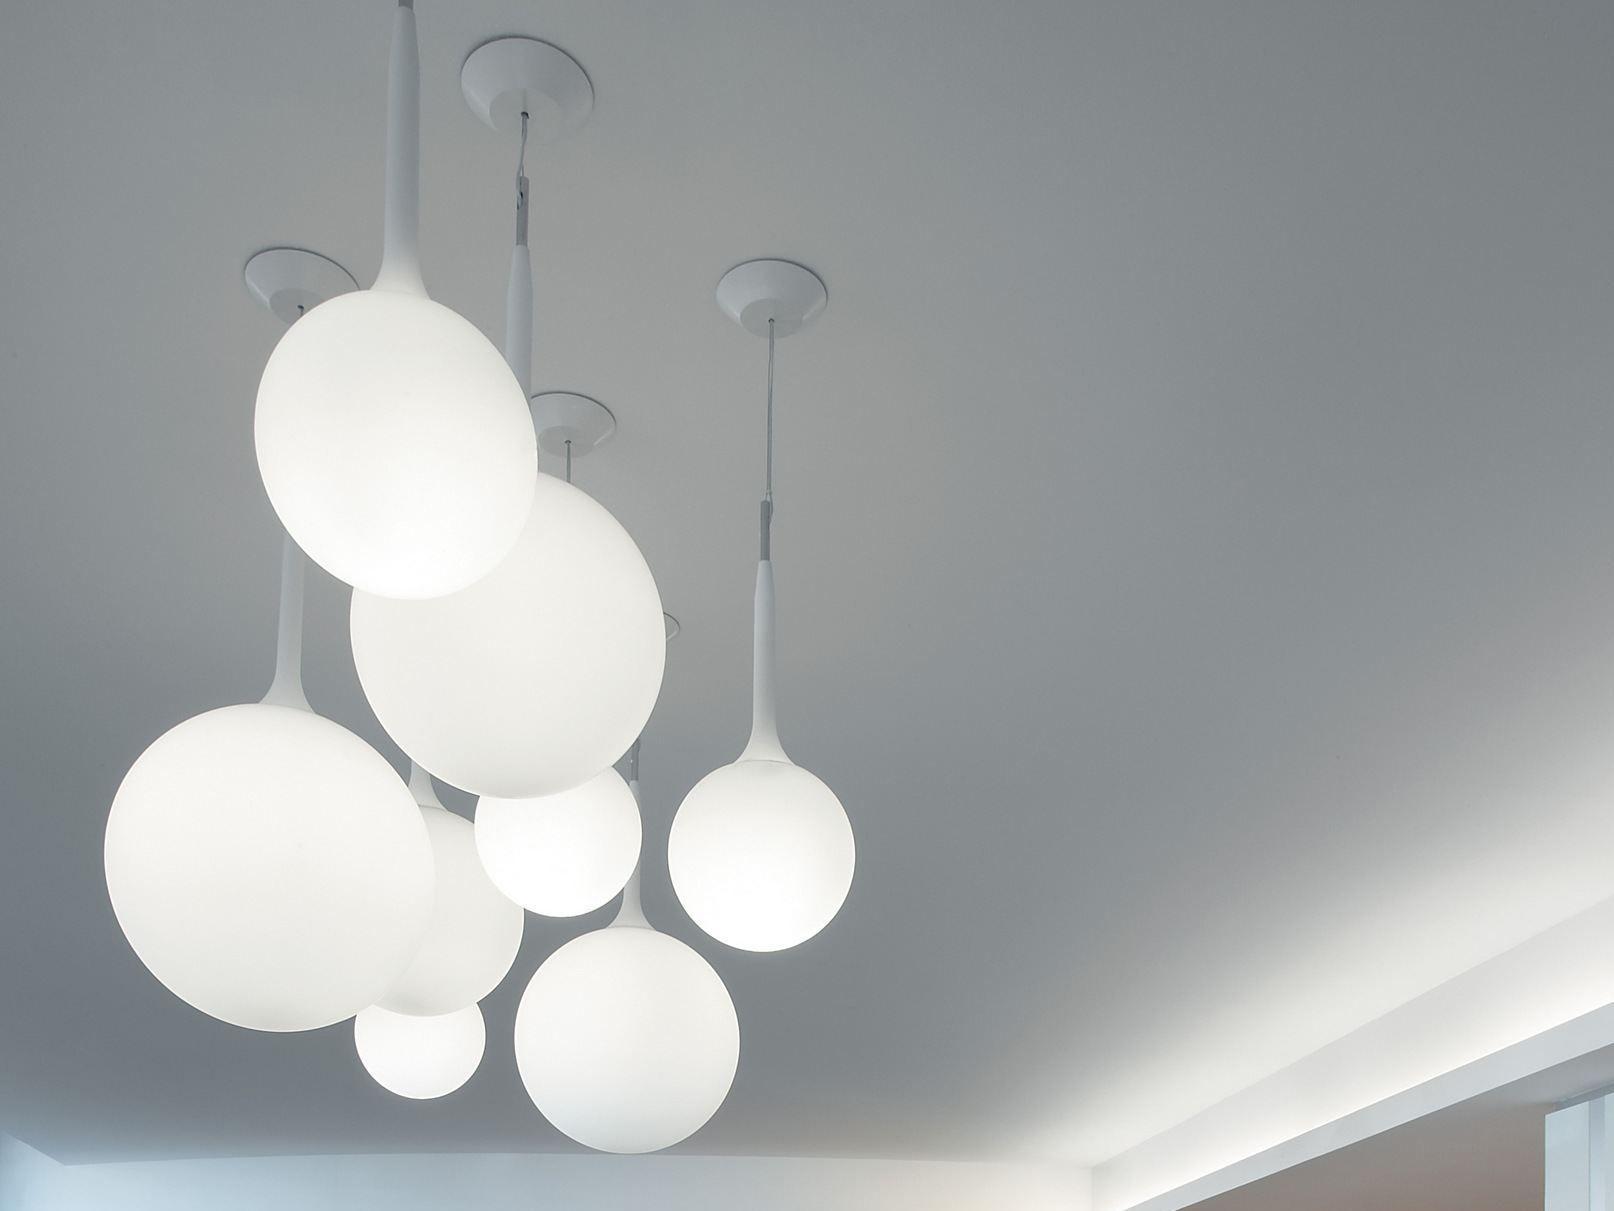 CASTORE Lampada a sospensione Collezione Castore by Artemide Italia design Michele De Lucchi     -> Lampada Artemide A Sospensione